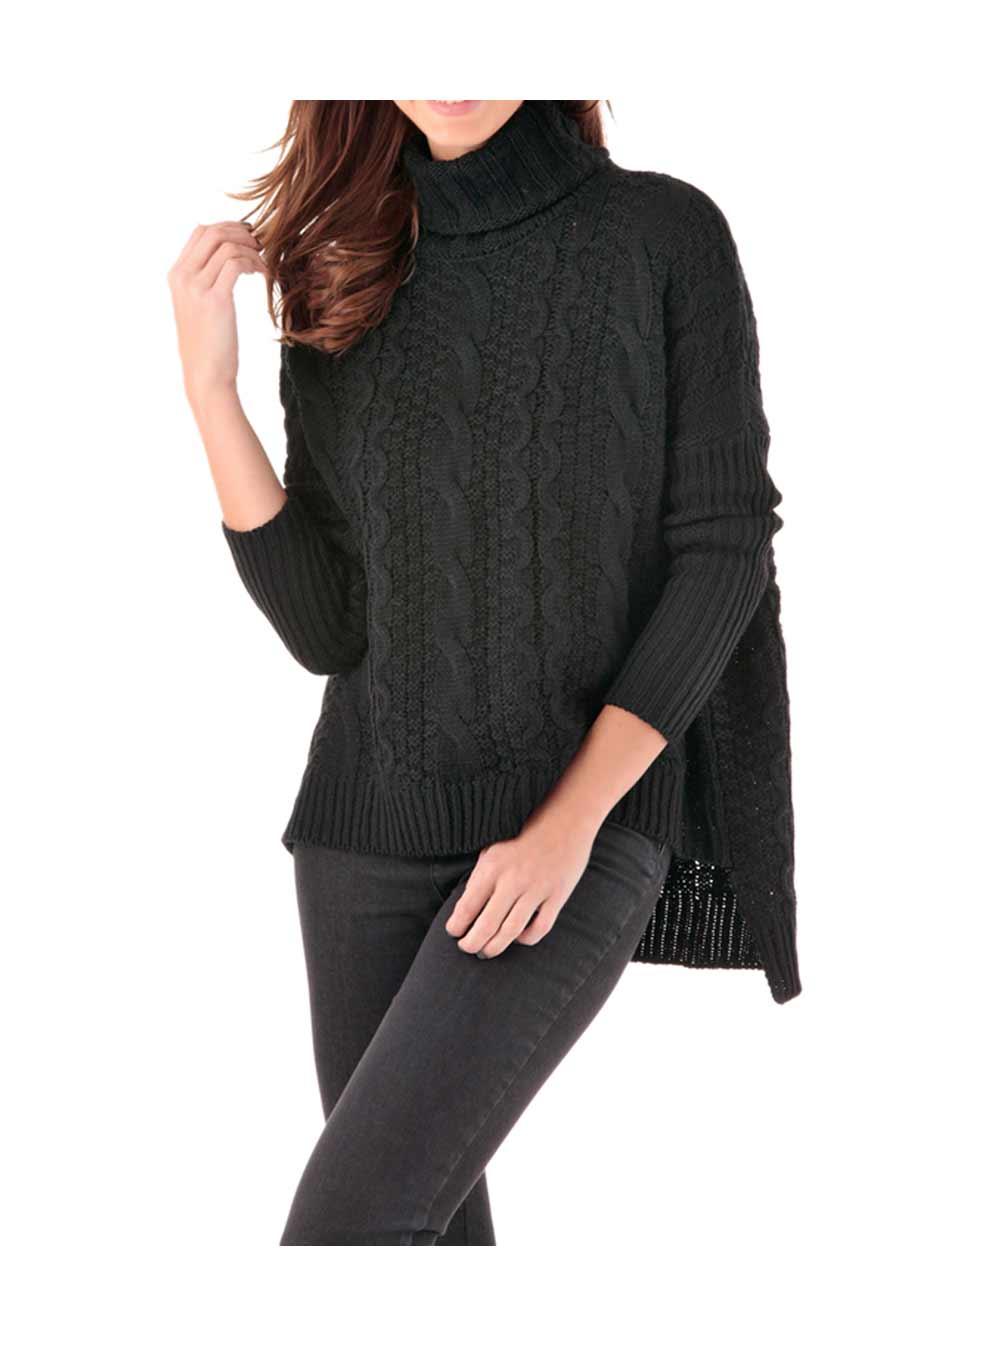 Tamaris Strickpullover Damen schwarz 877.684 Missforty Online Shop